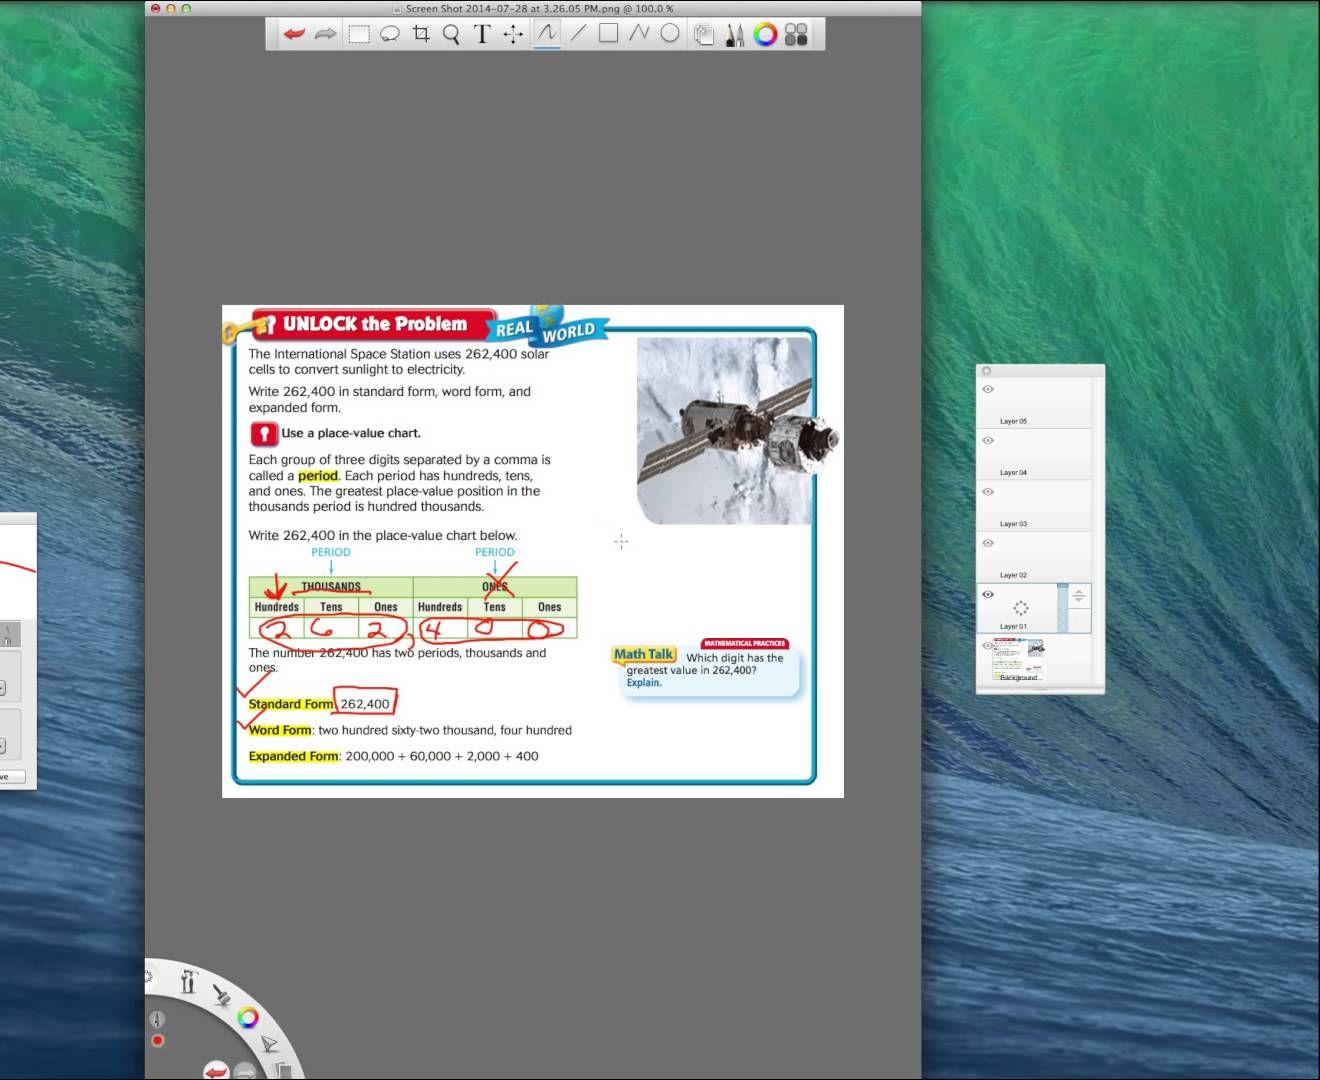 Go math 4th grade lesson 12 go math 4th grade pinterest math go math 4th grade lesson 12 fandeluxe Choice Image